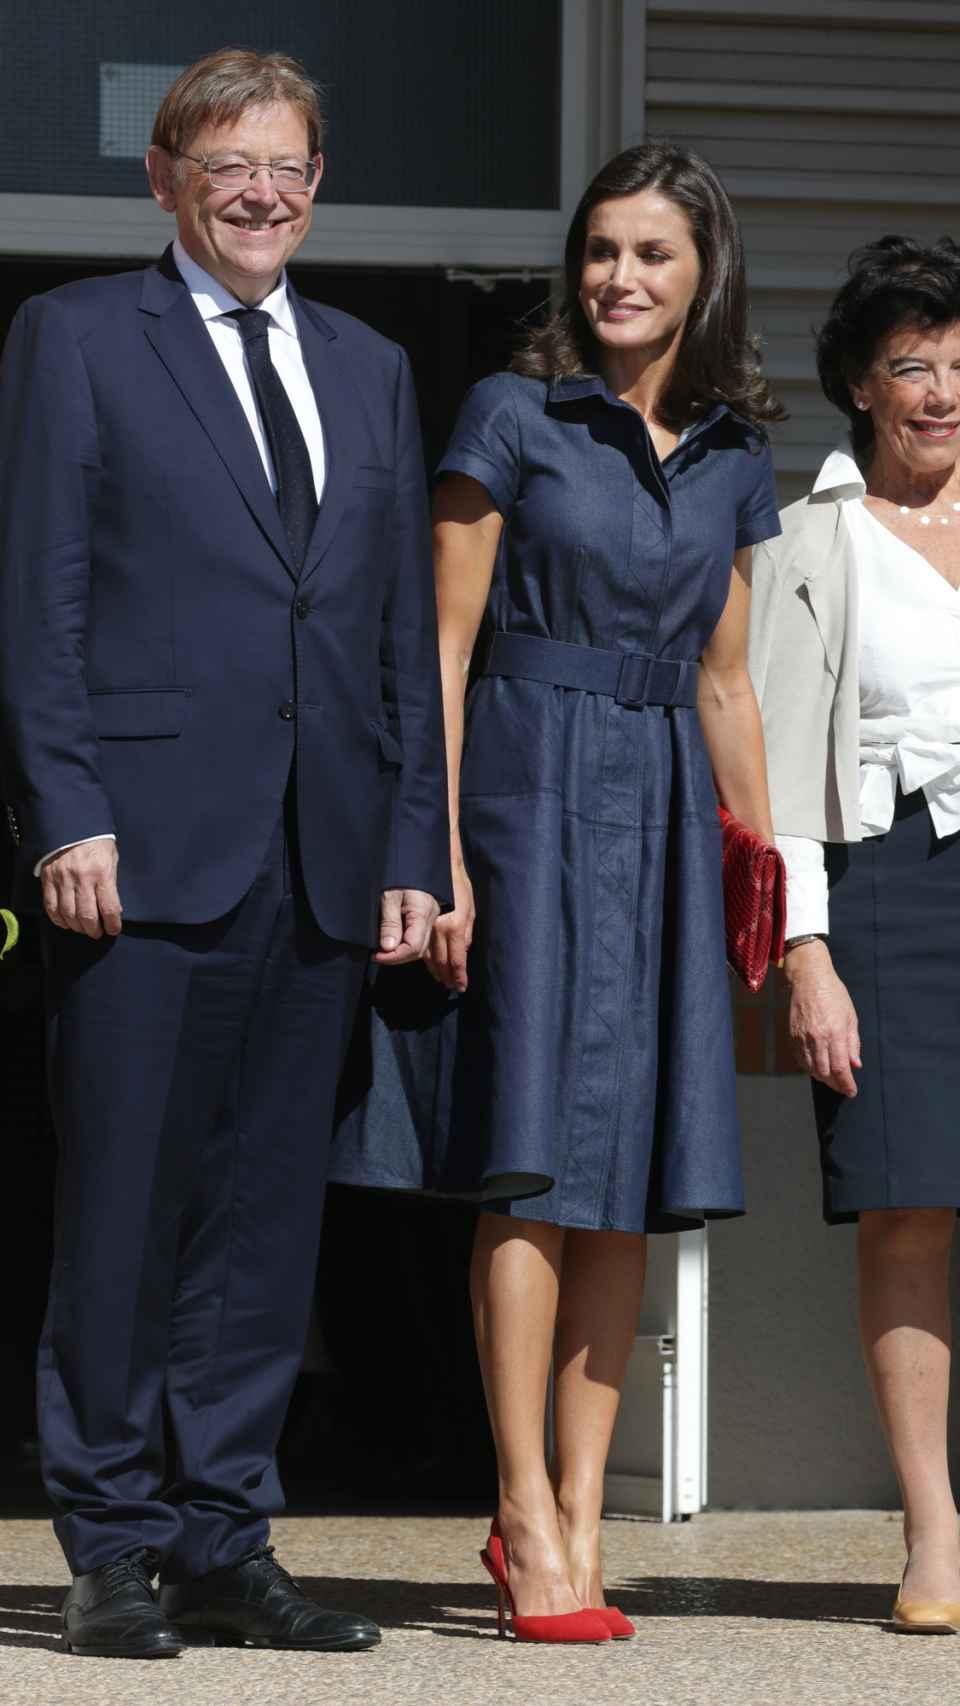 La reina Letizia con vestido denim de Carolina Herrera.